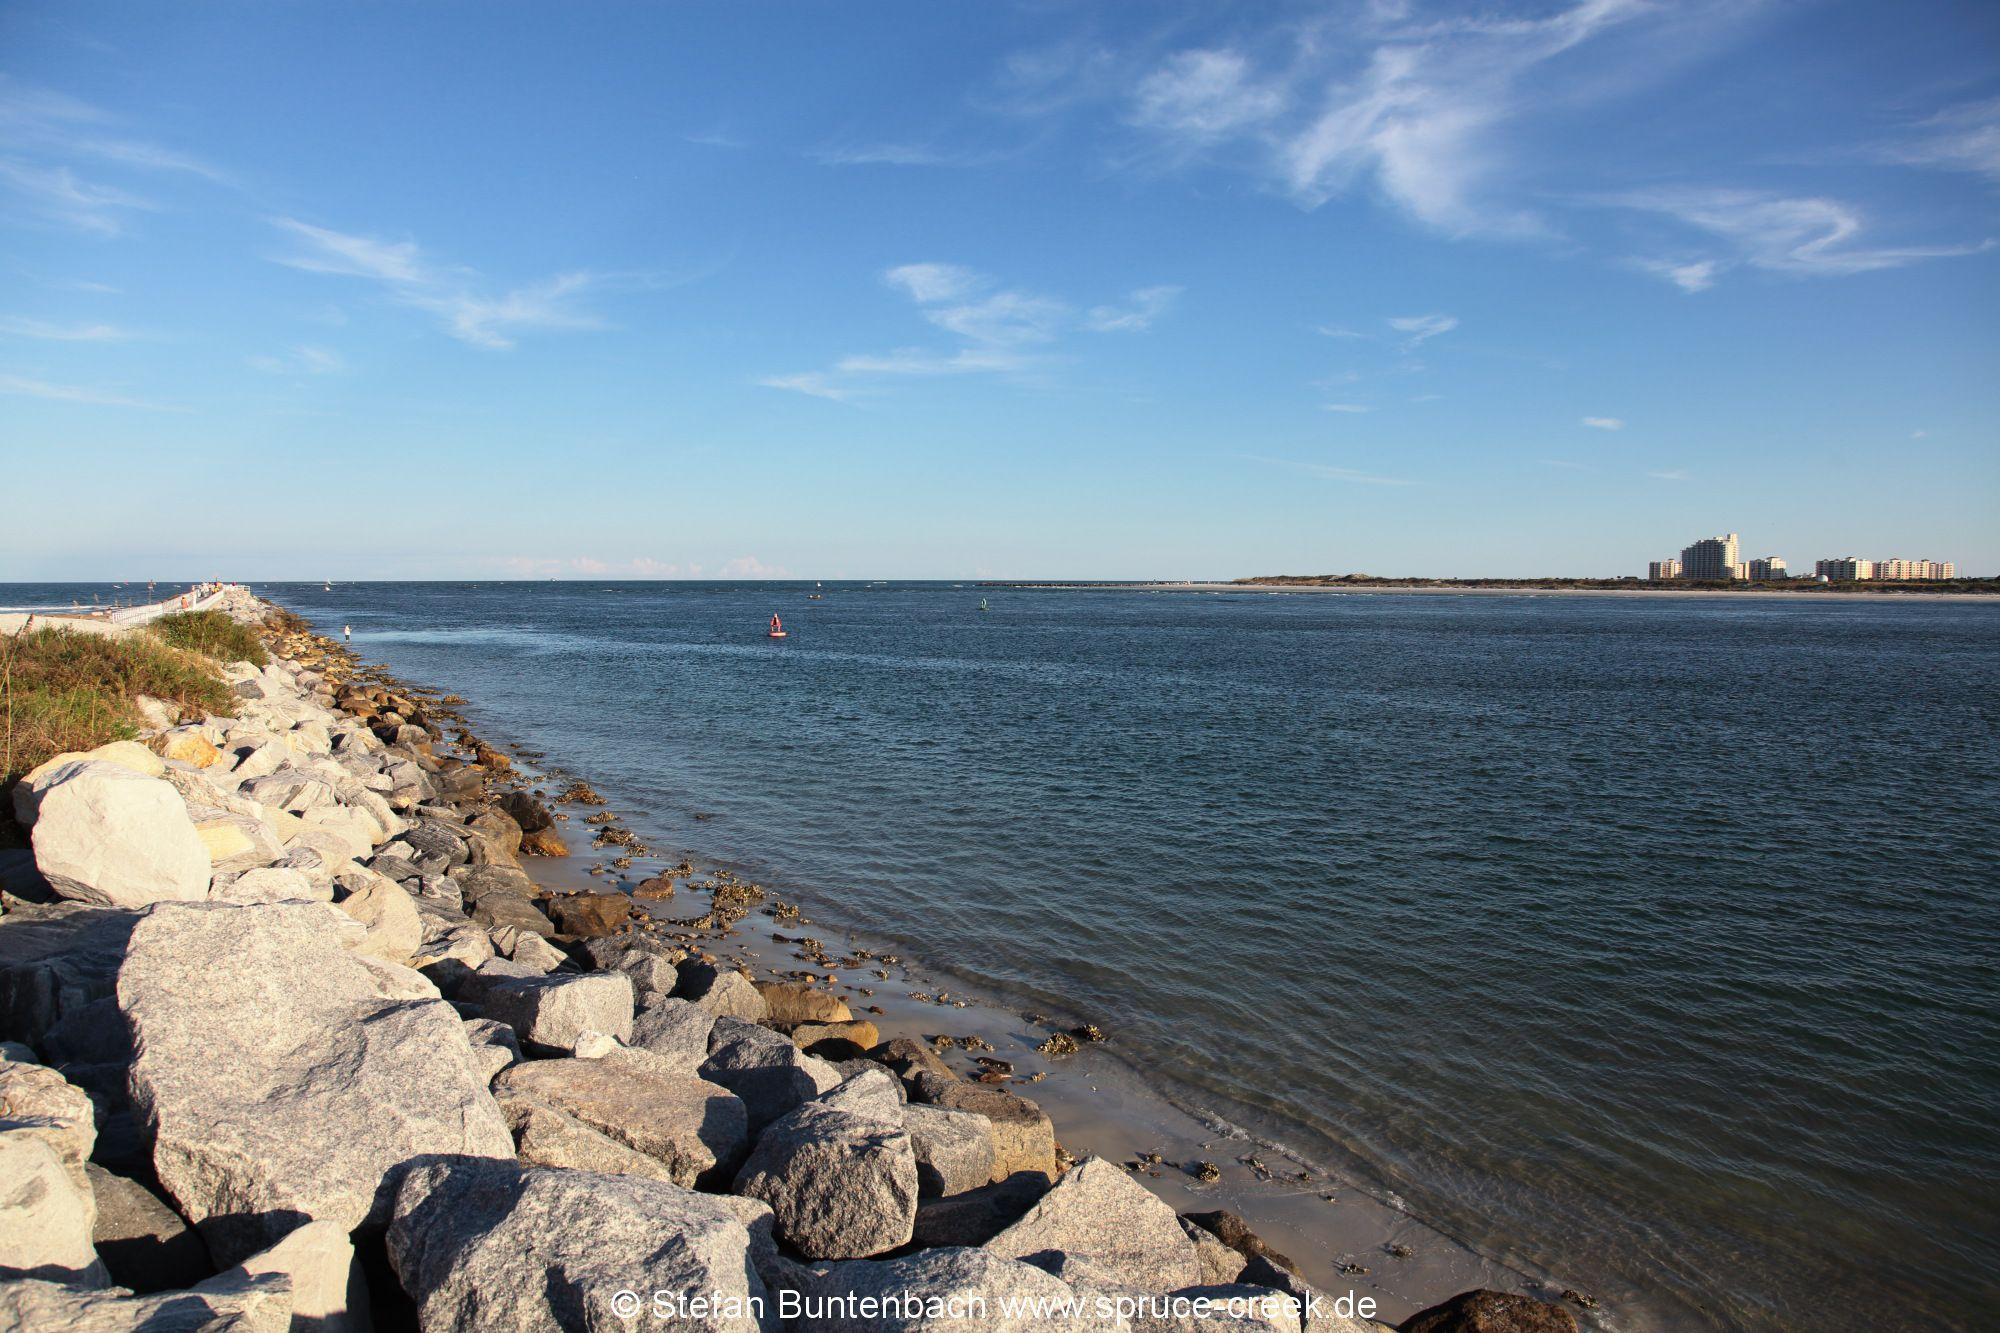 Blick aufs Ponce Inlet in Florida am Atlantik: Im Hintergrund New Smyrna Beach.